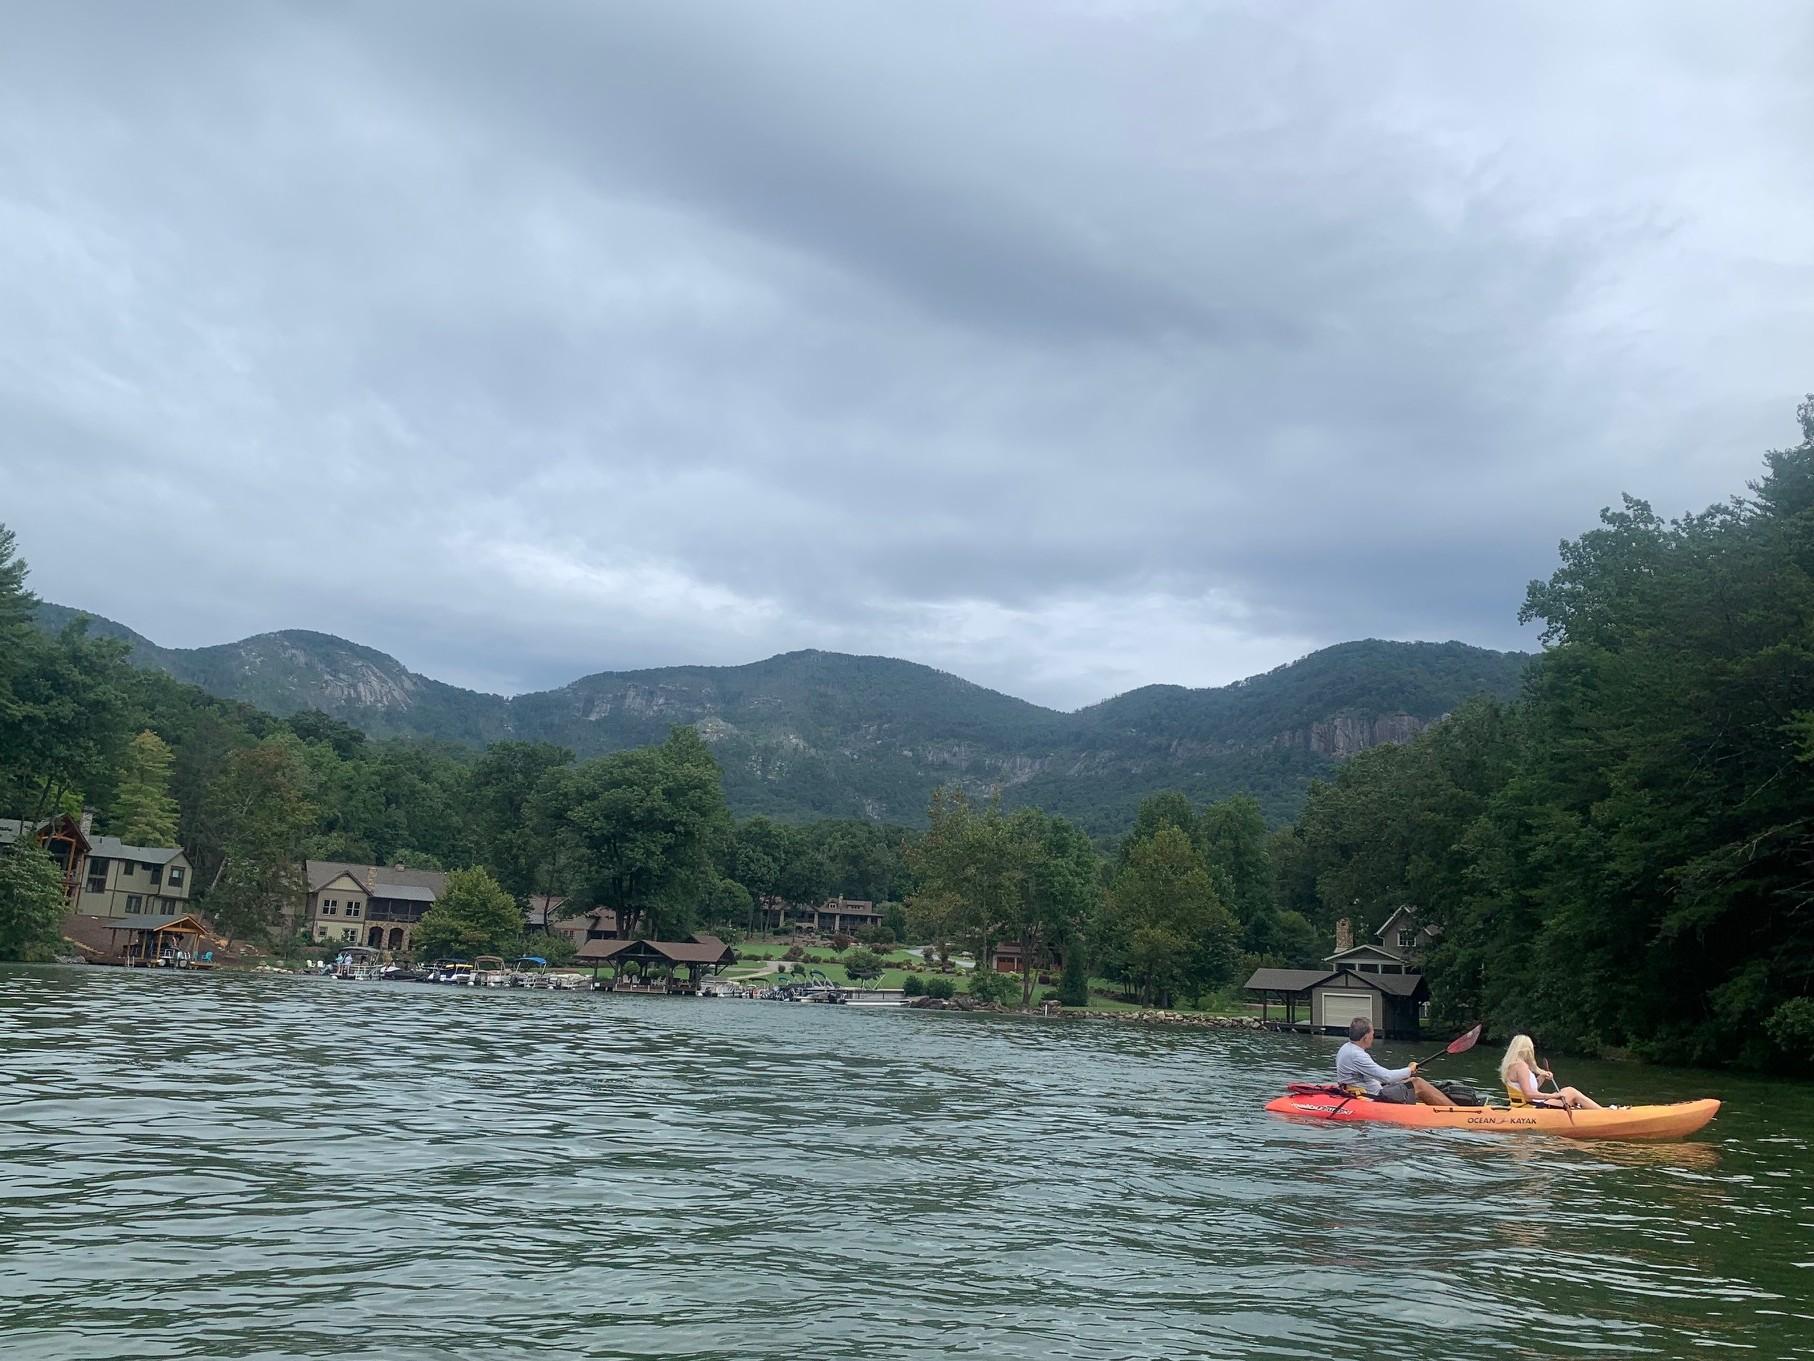 tandem kayak on Lake Lure with mountain views